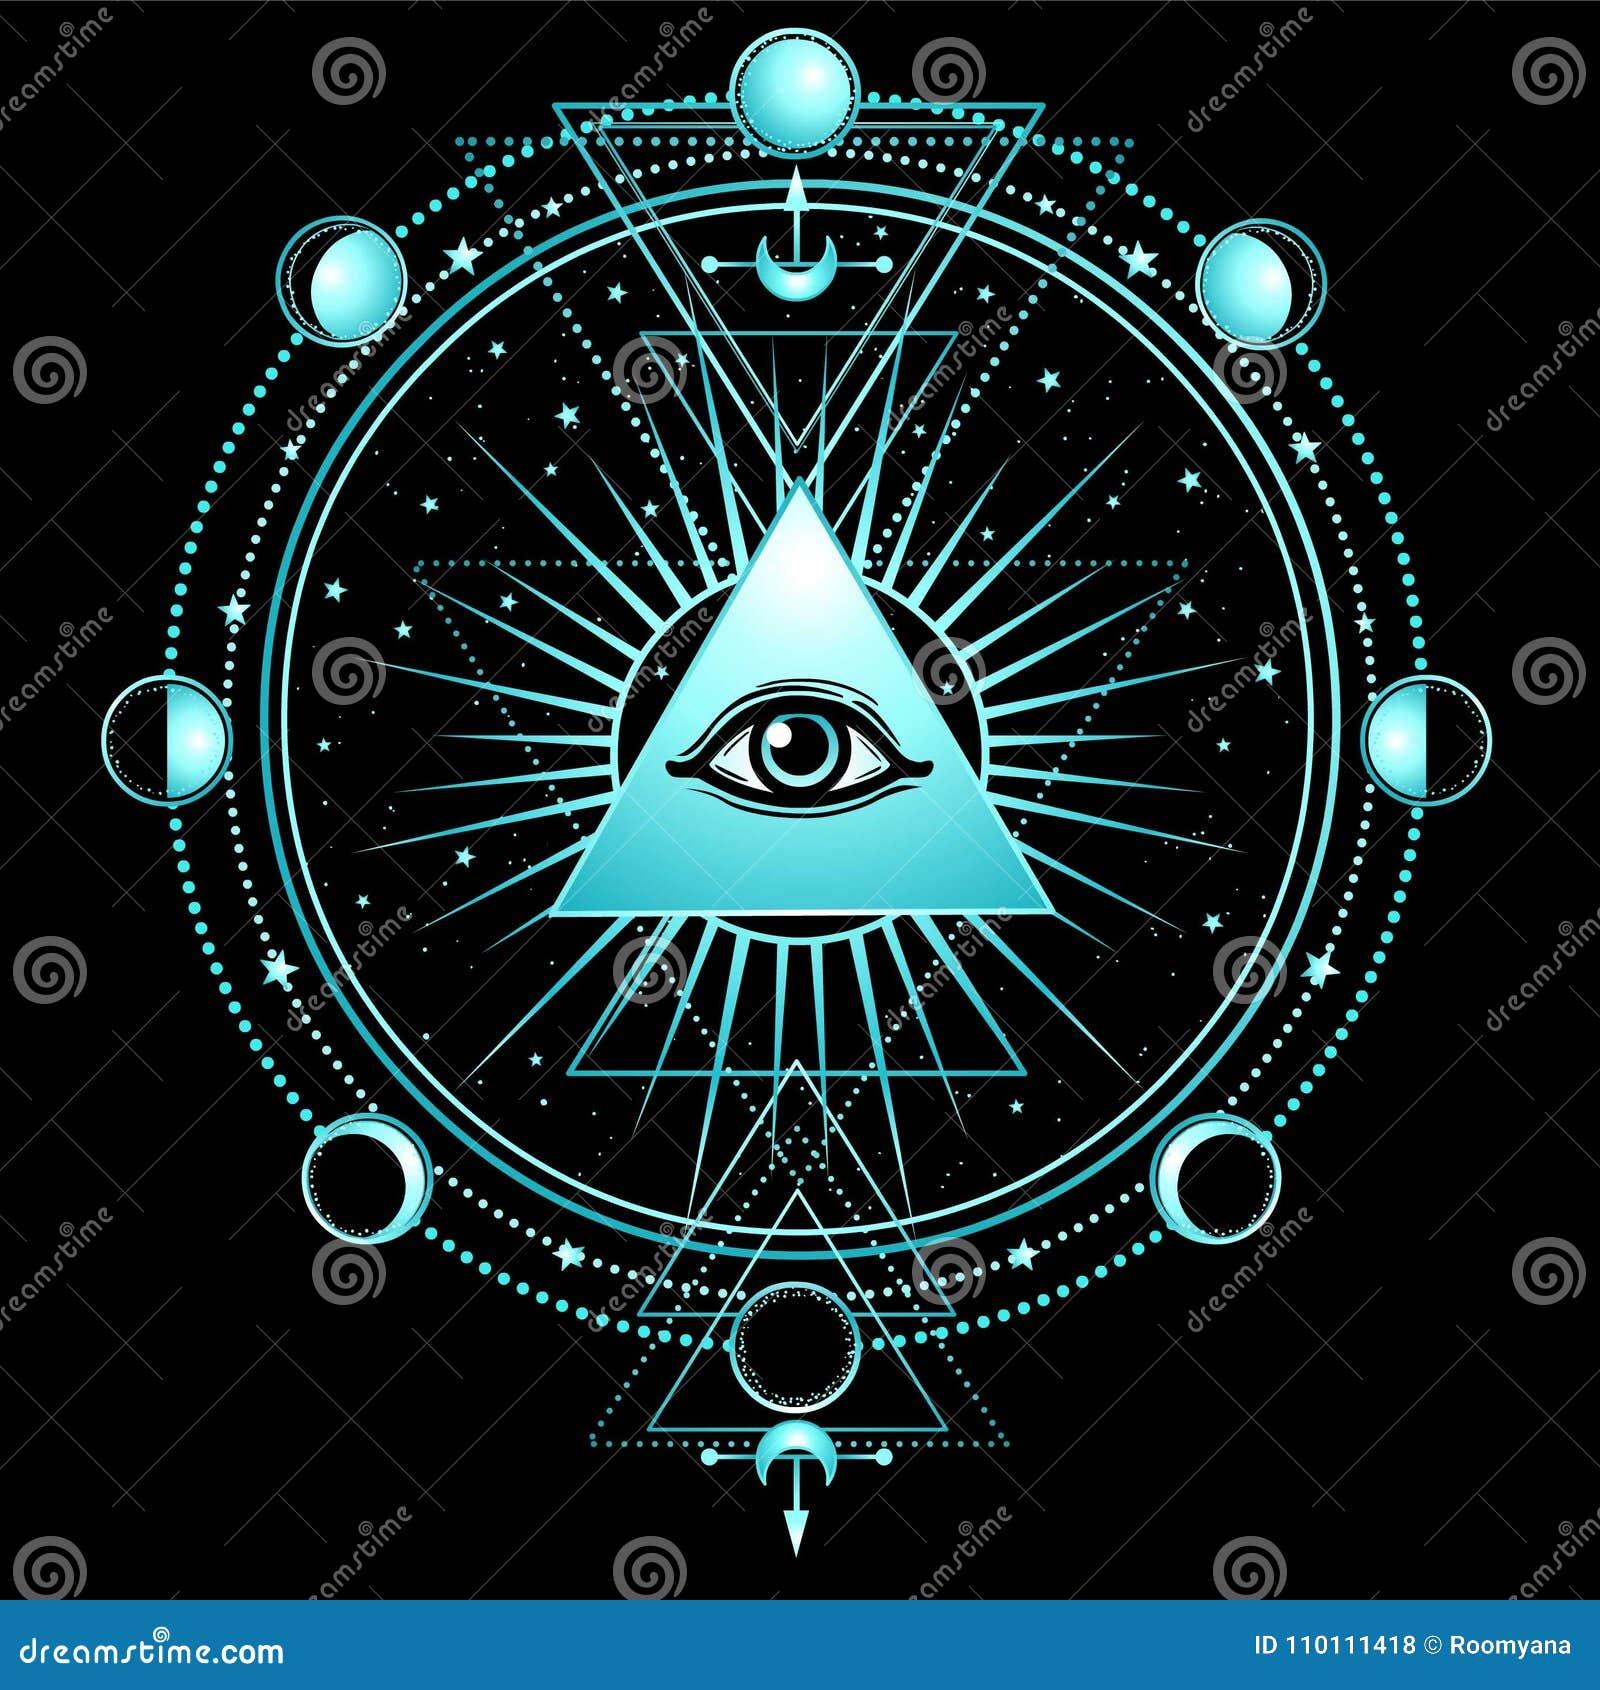 Mysteriöser Hintergrund: Pyramide, Auge gesamt-sehend, heilige Geometrie